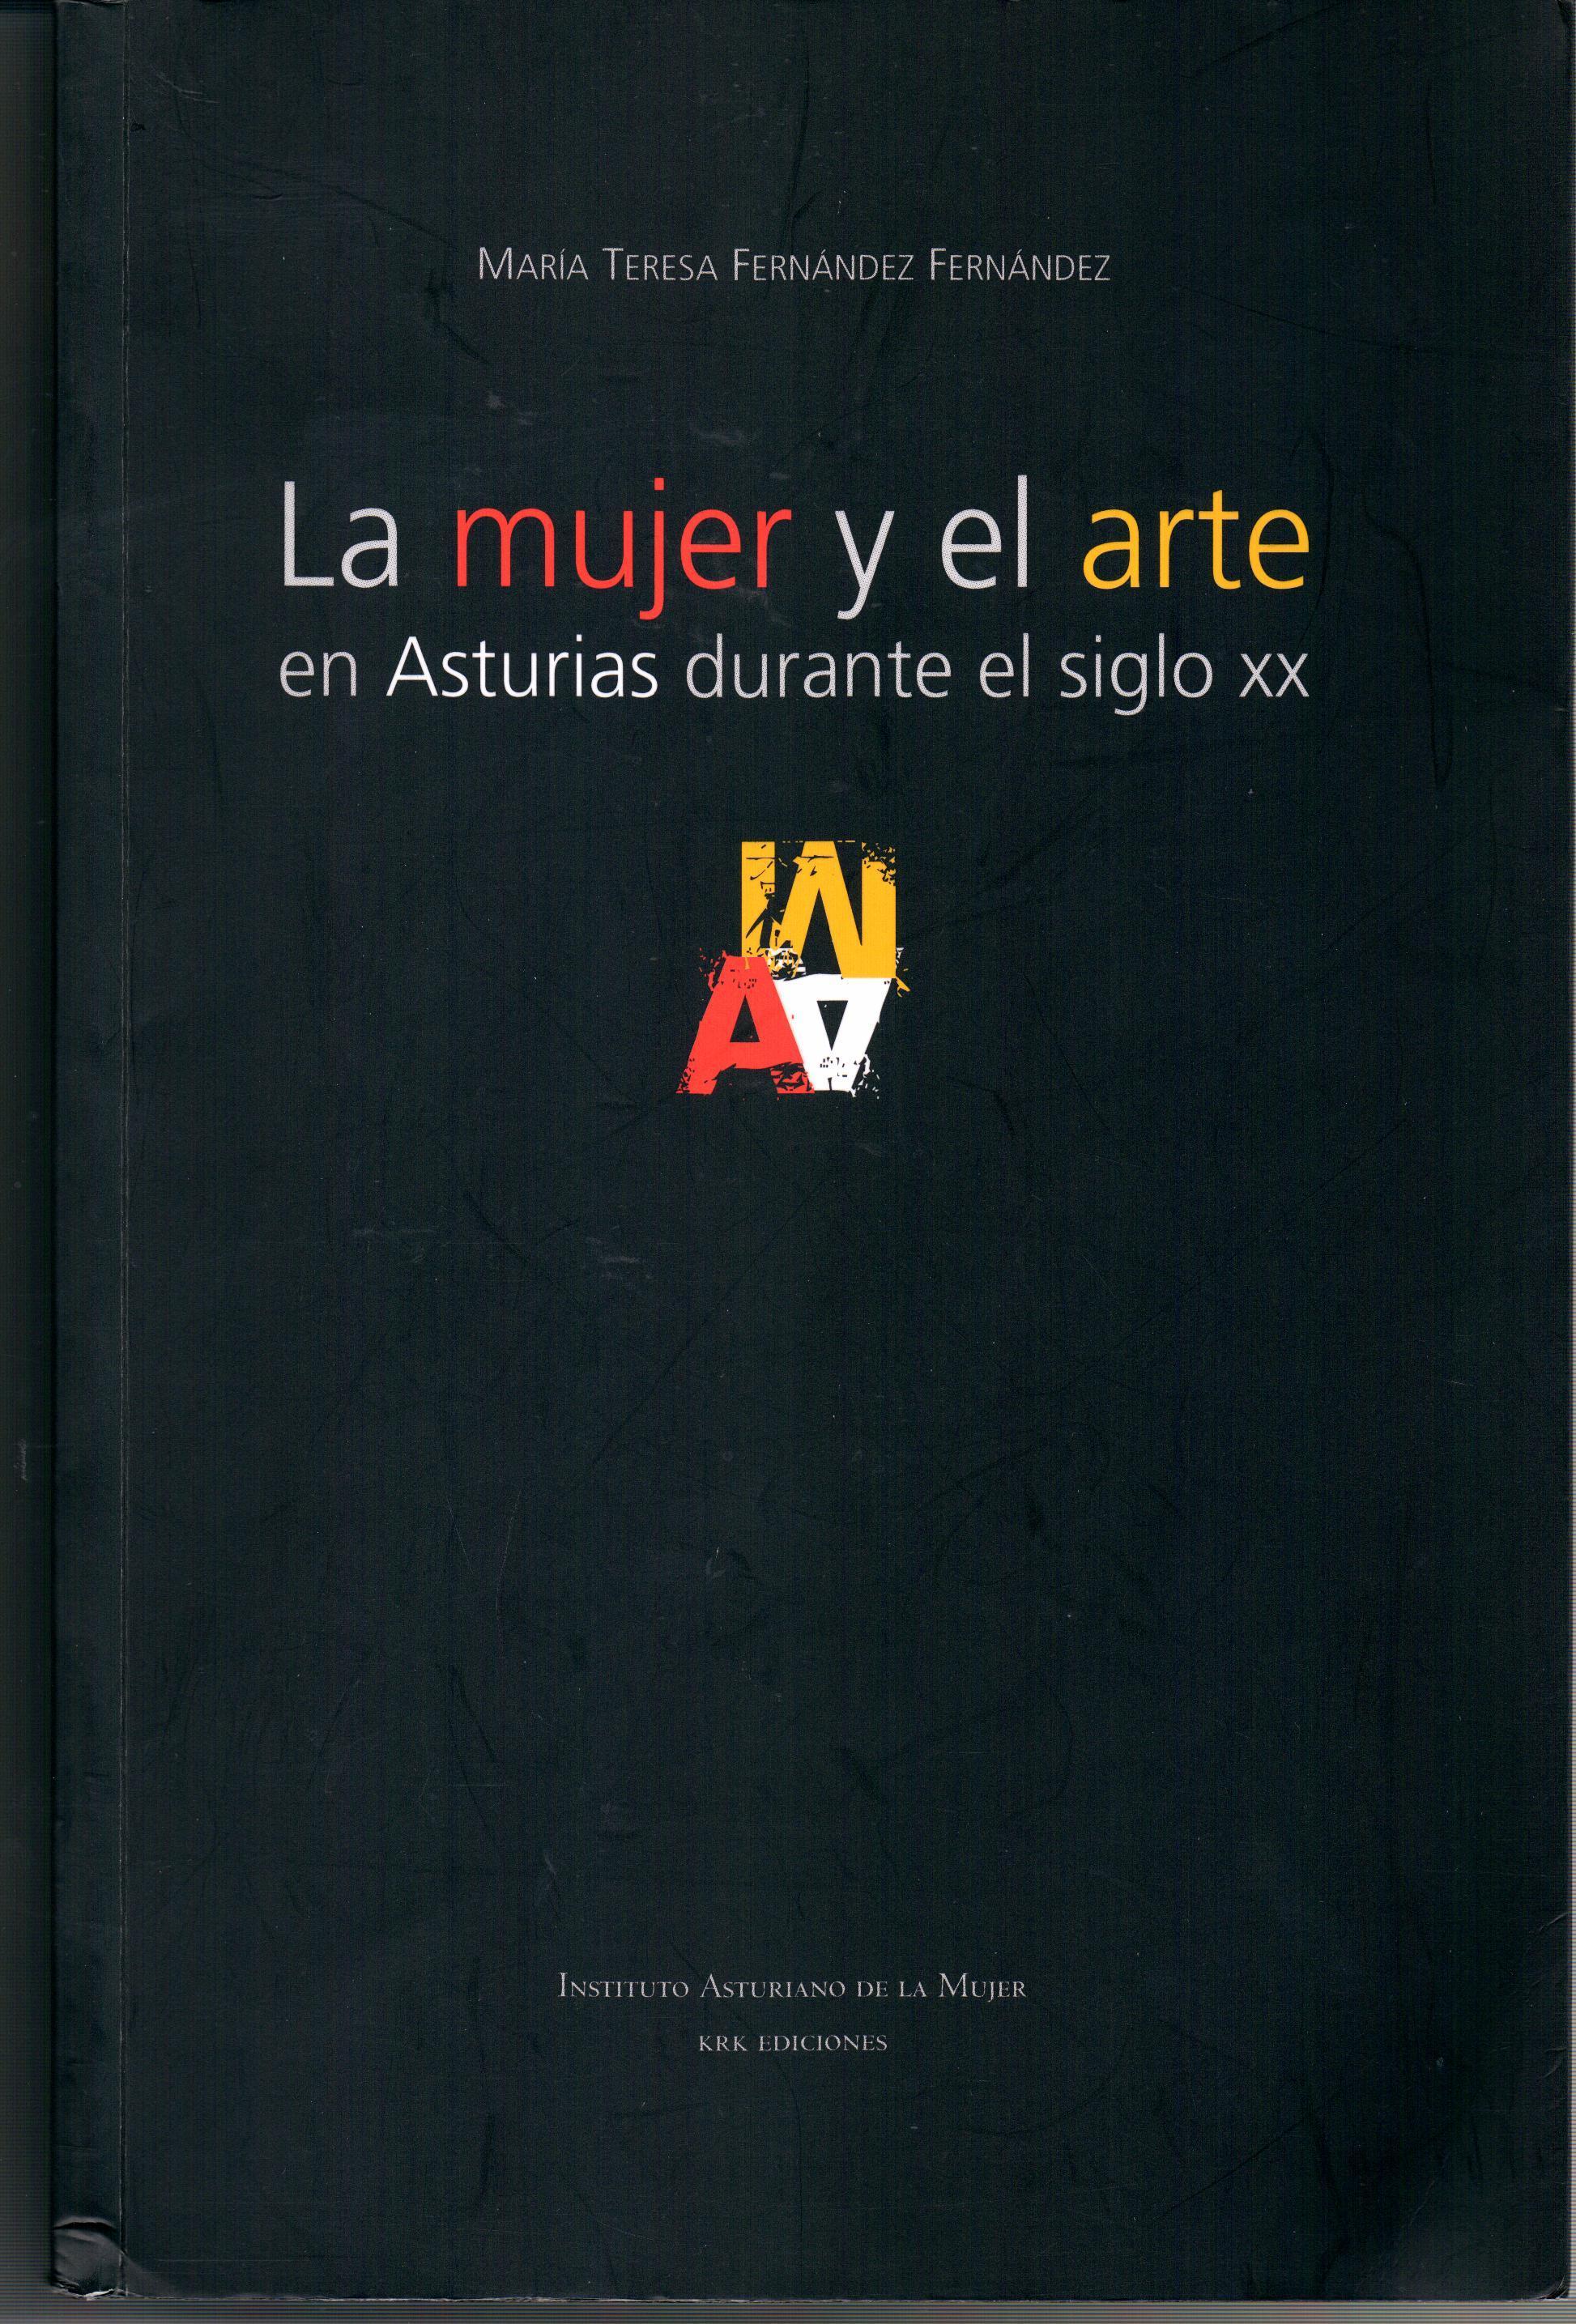 1 Libro - La mujer y el arte en Asturias. Mª Teress Fdez Fdez